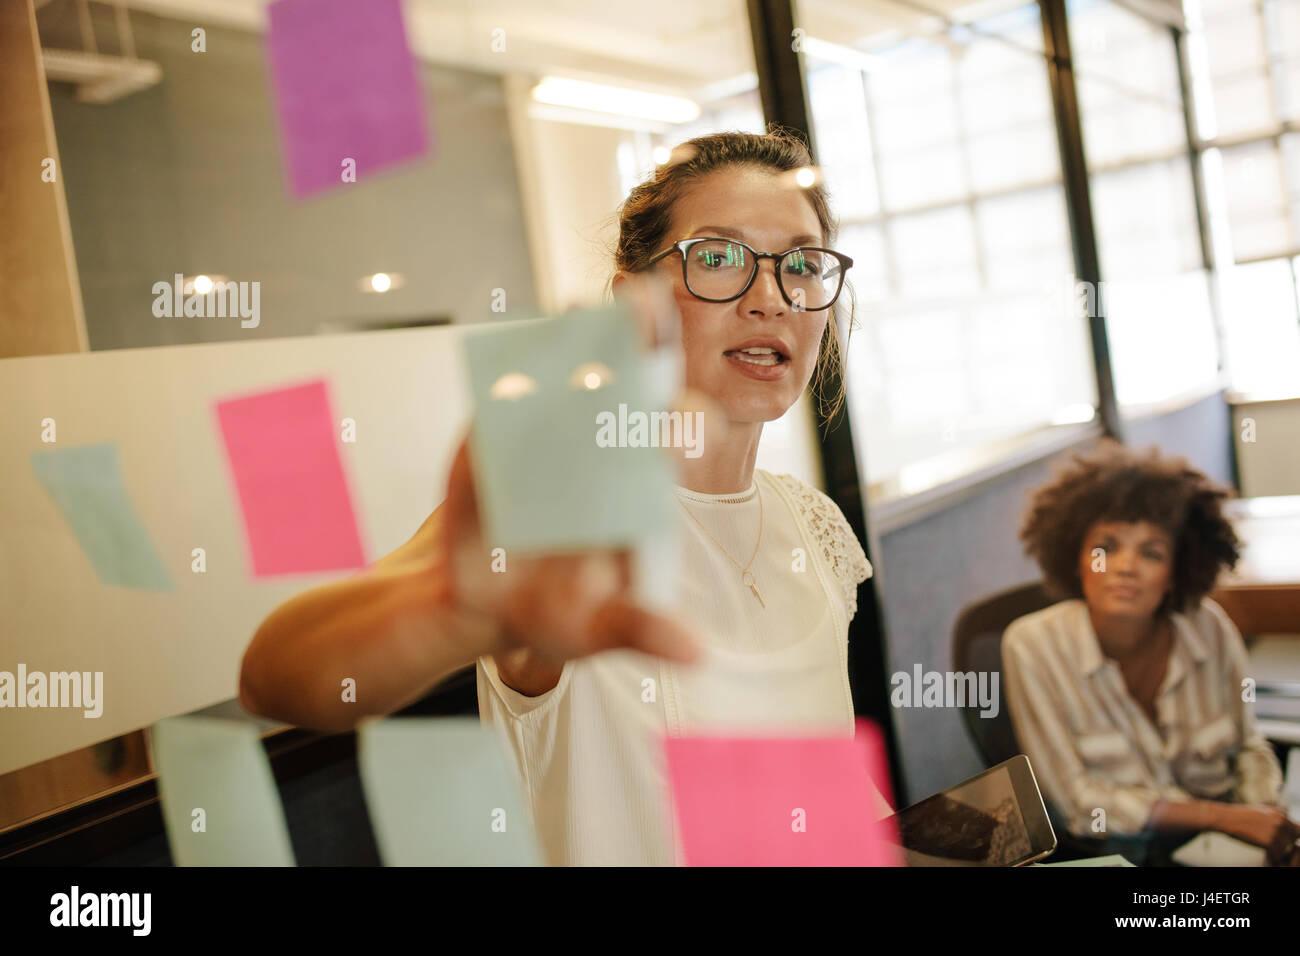 Business donna puntando alla nota adesiva al collega femmina sulla parete di vetro in ufficio. Business persone Immagini Stock